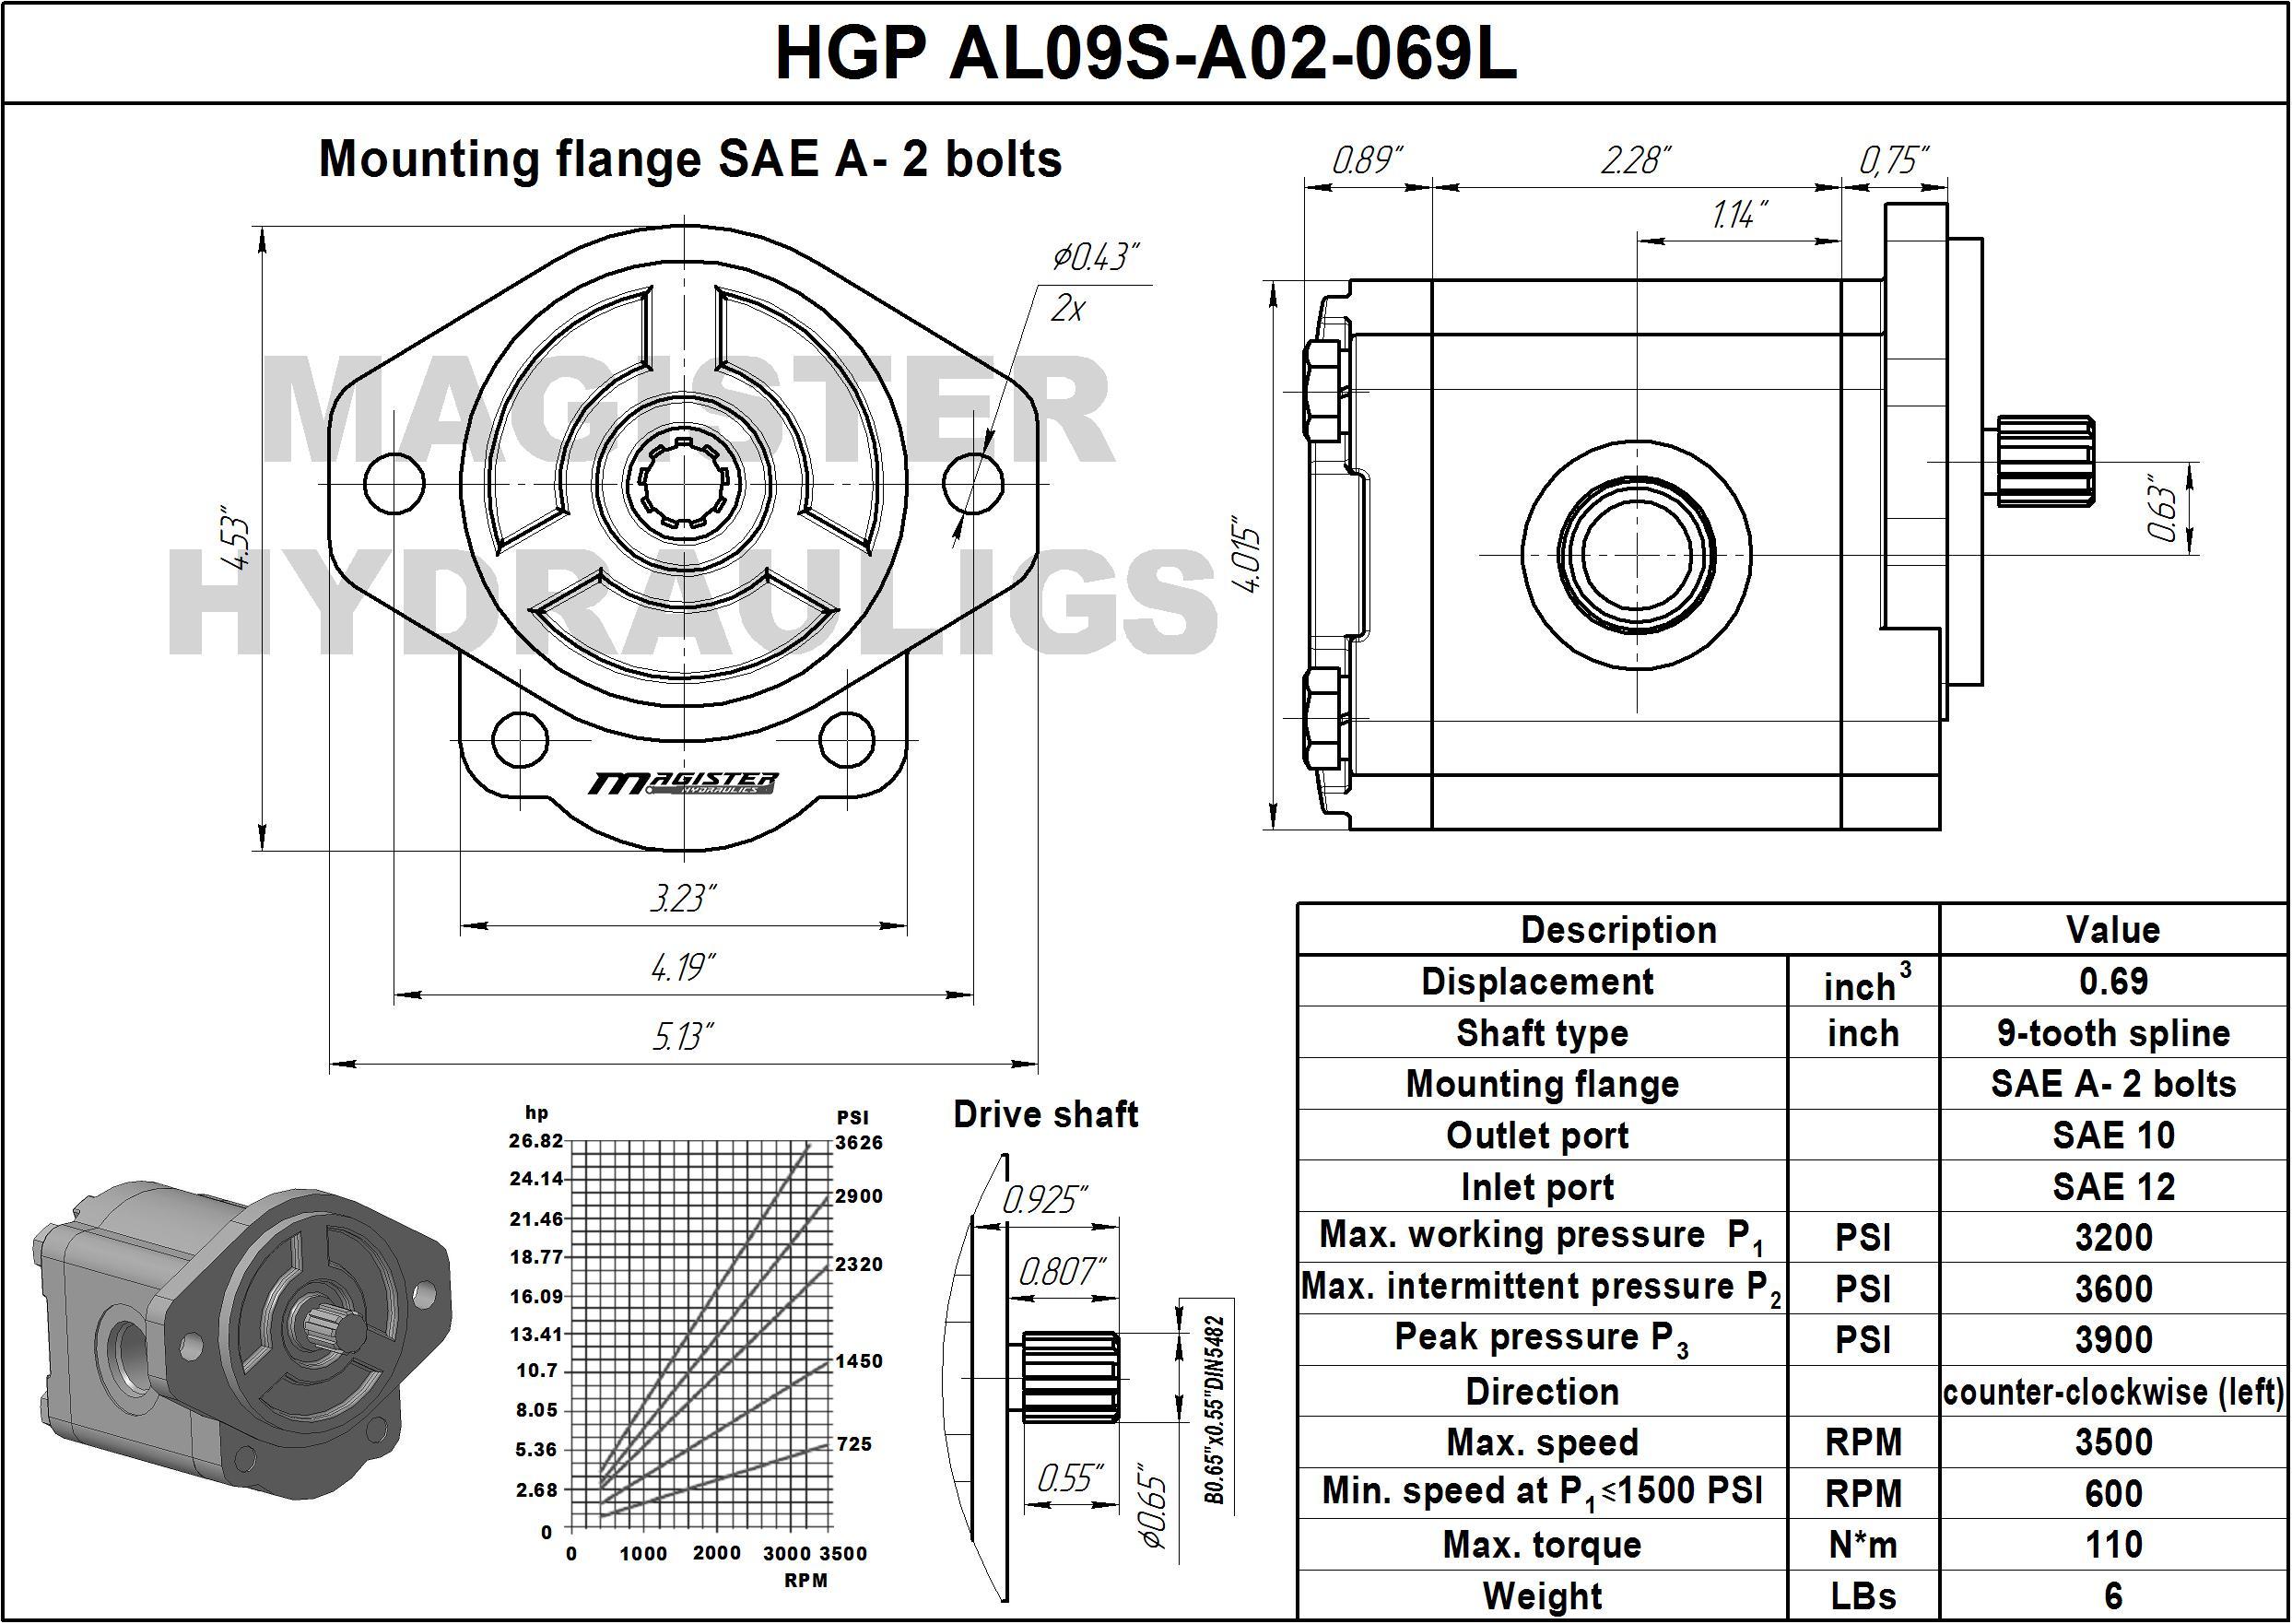 0.69 CID hydraulic gear pump, 9 tooth spline shaft counter-clockwise gear pump | Magister Hydraulics